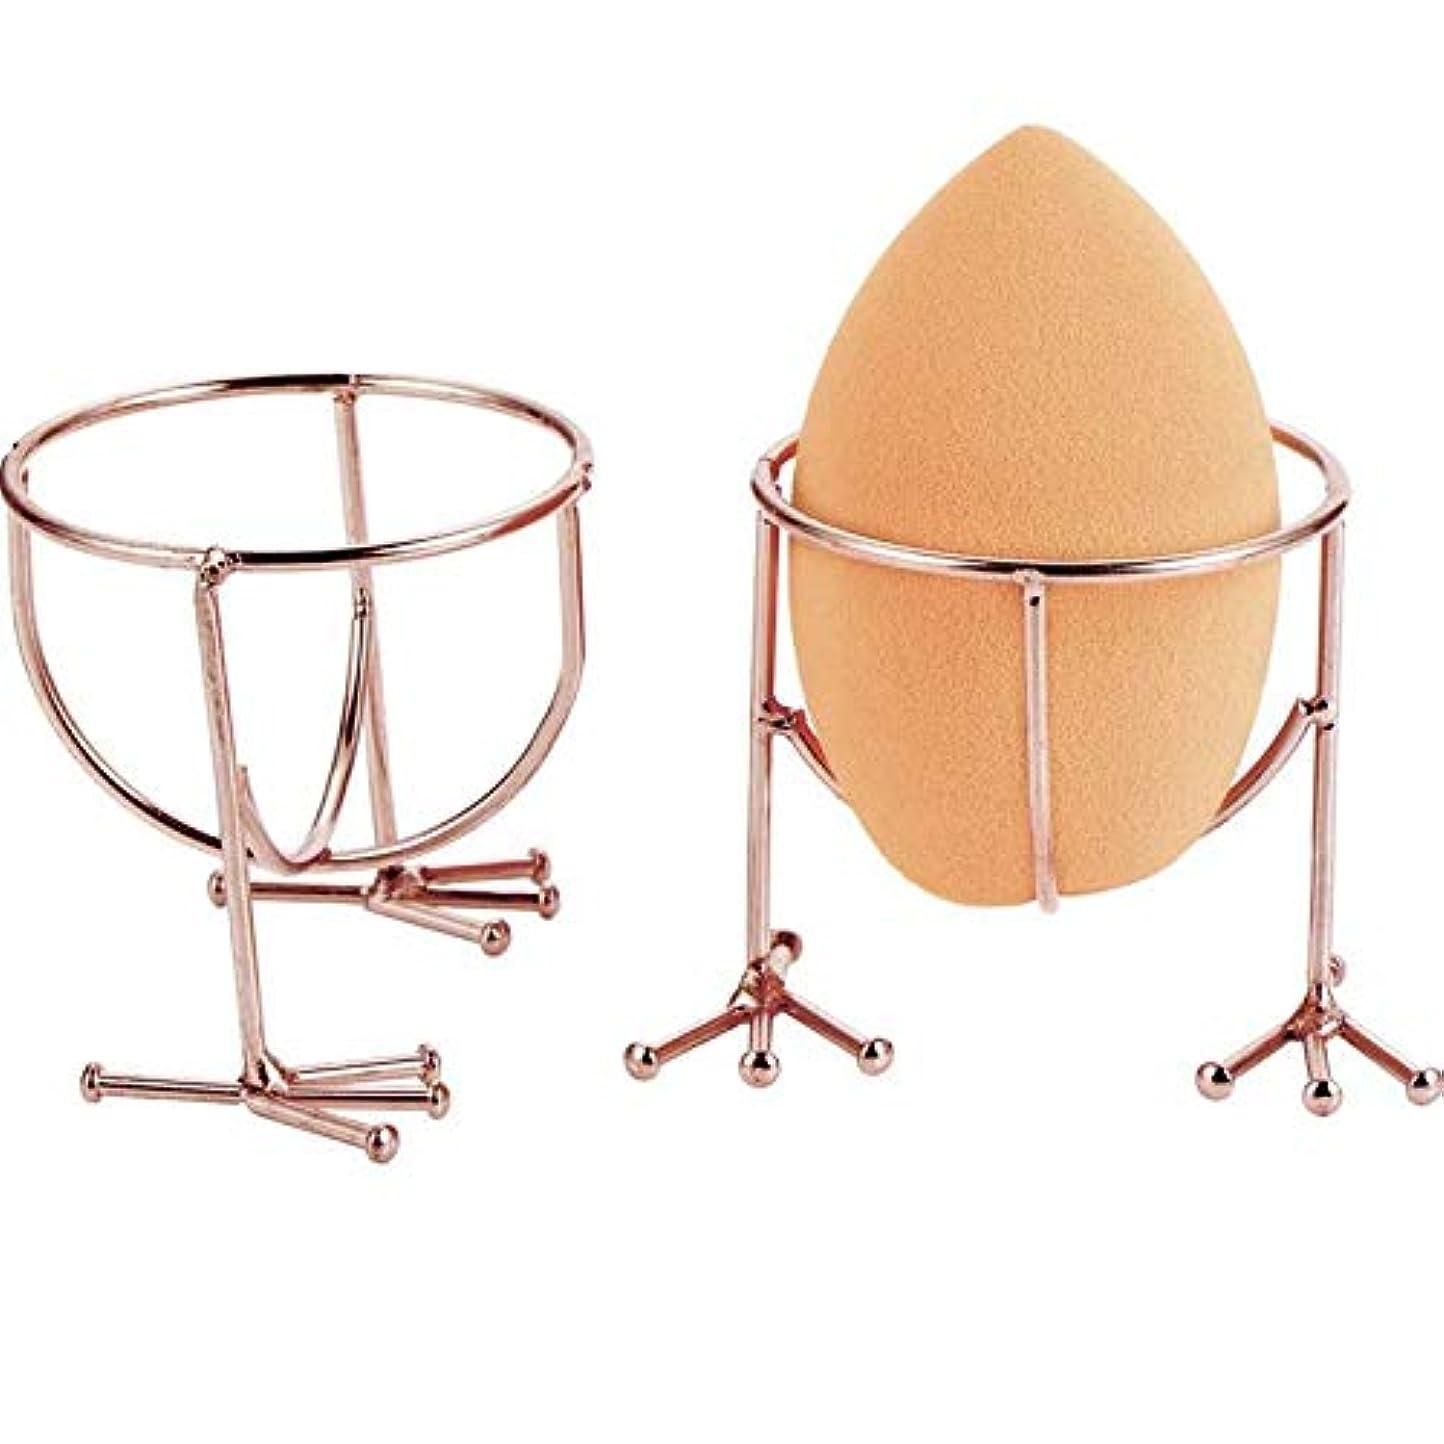 湿原スイス人哀れなWOVELOT 化粧スポンジホルダー卵スポンジスタンドパフ陳列スタンドドライヤーラック化粧スポンジサポート(スポンジは含まれていません)、2個、ローズゴールド